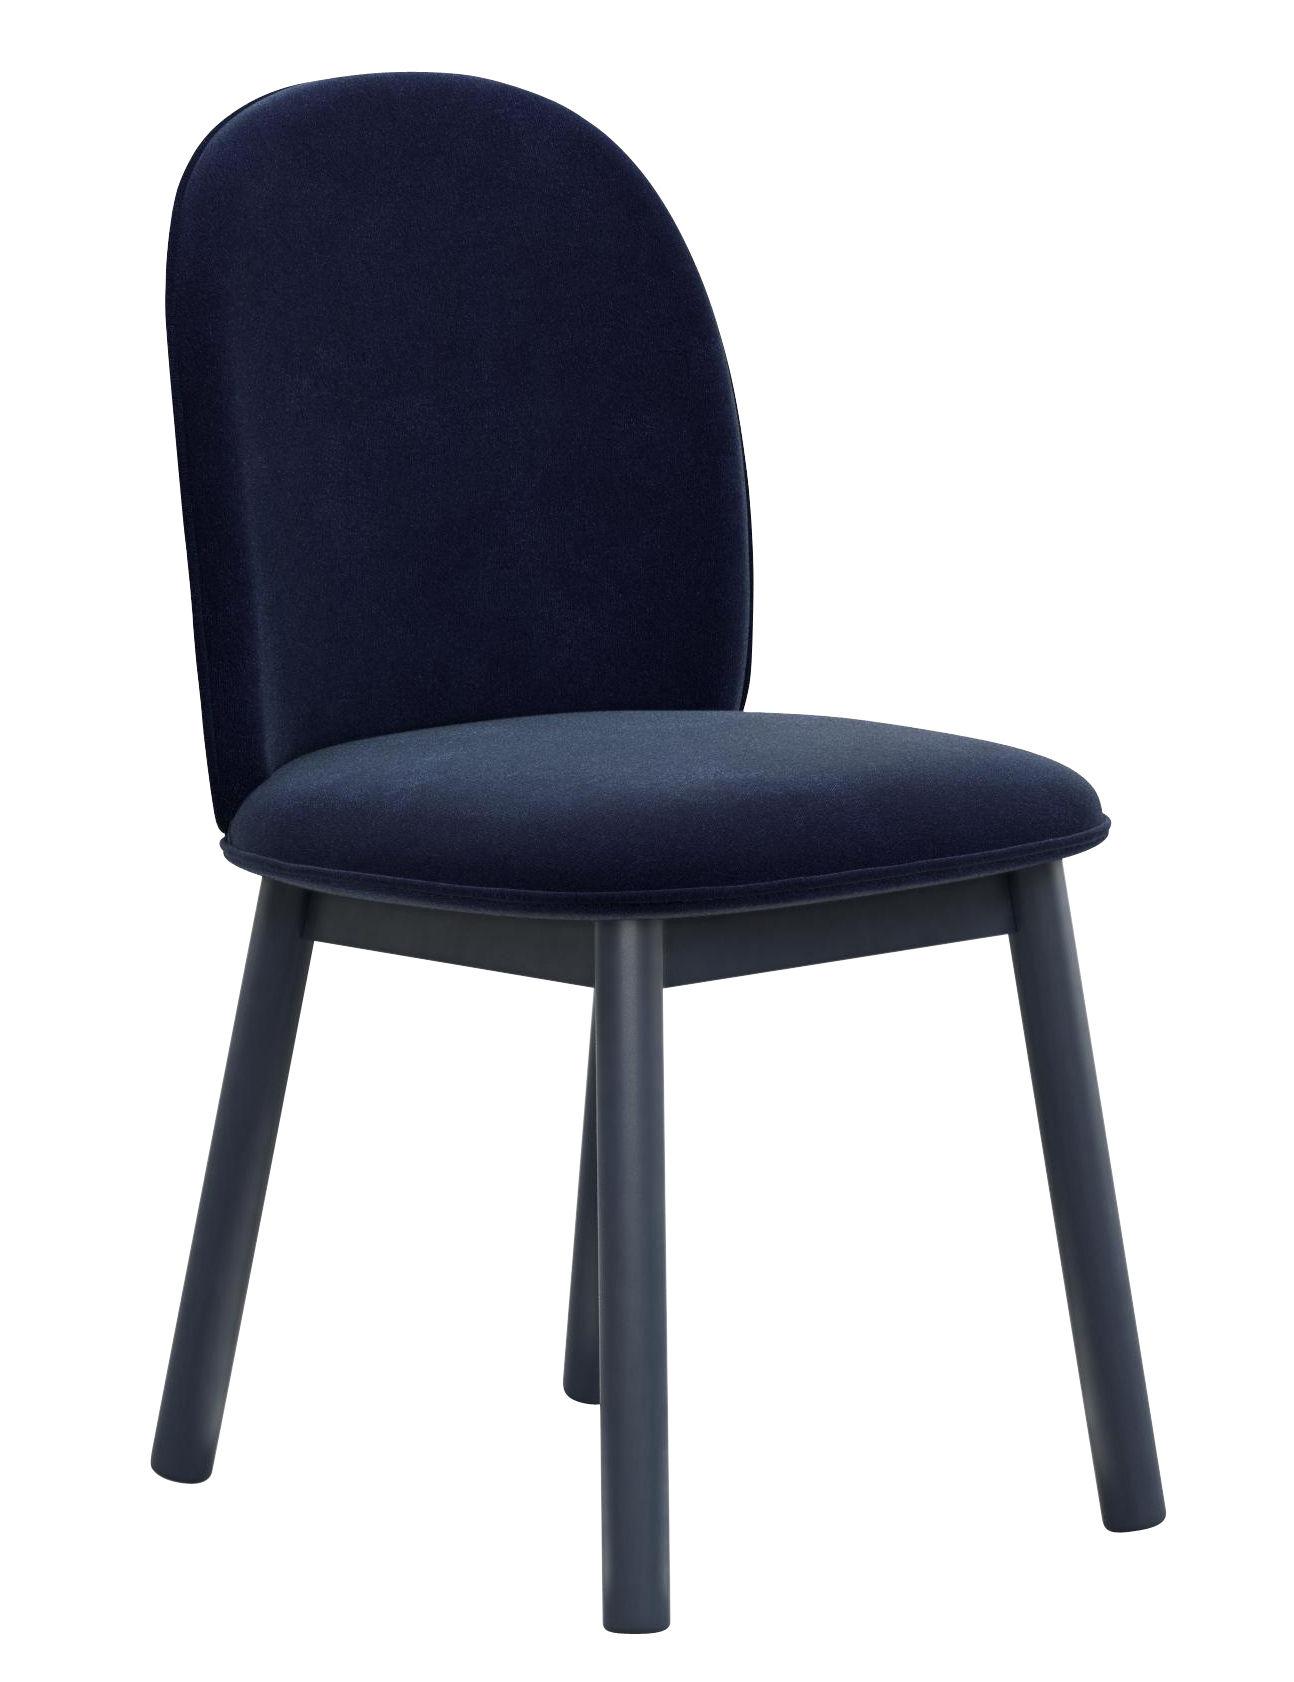 Ace sedia imbottita velluto legno velluto blu scuro for Sedie design velluto